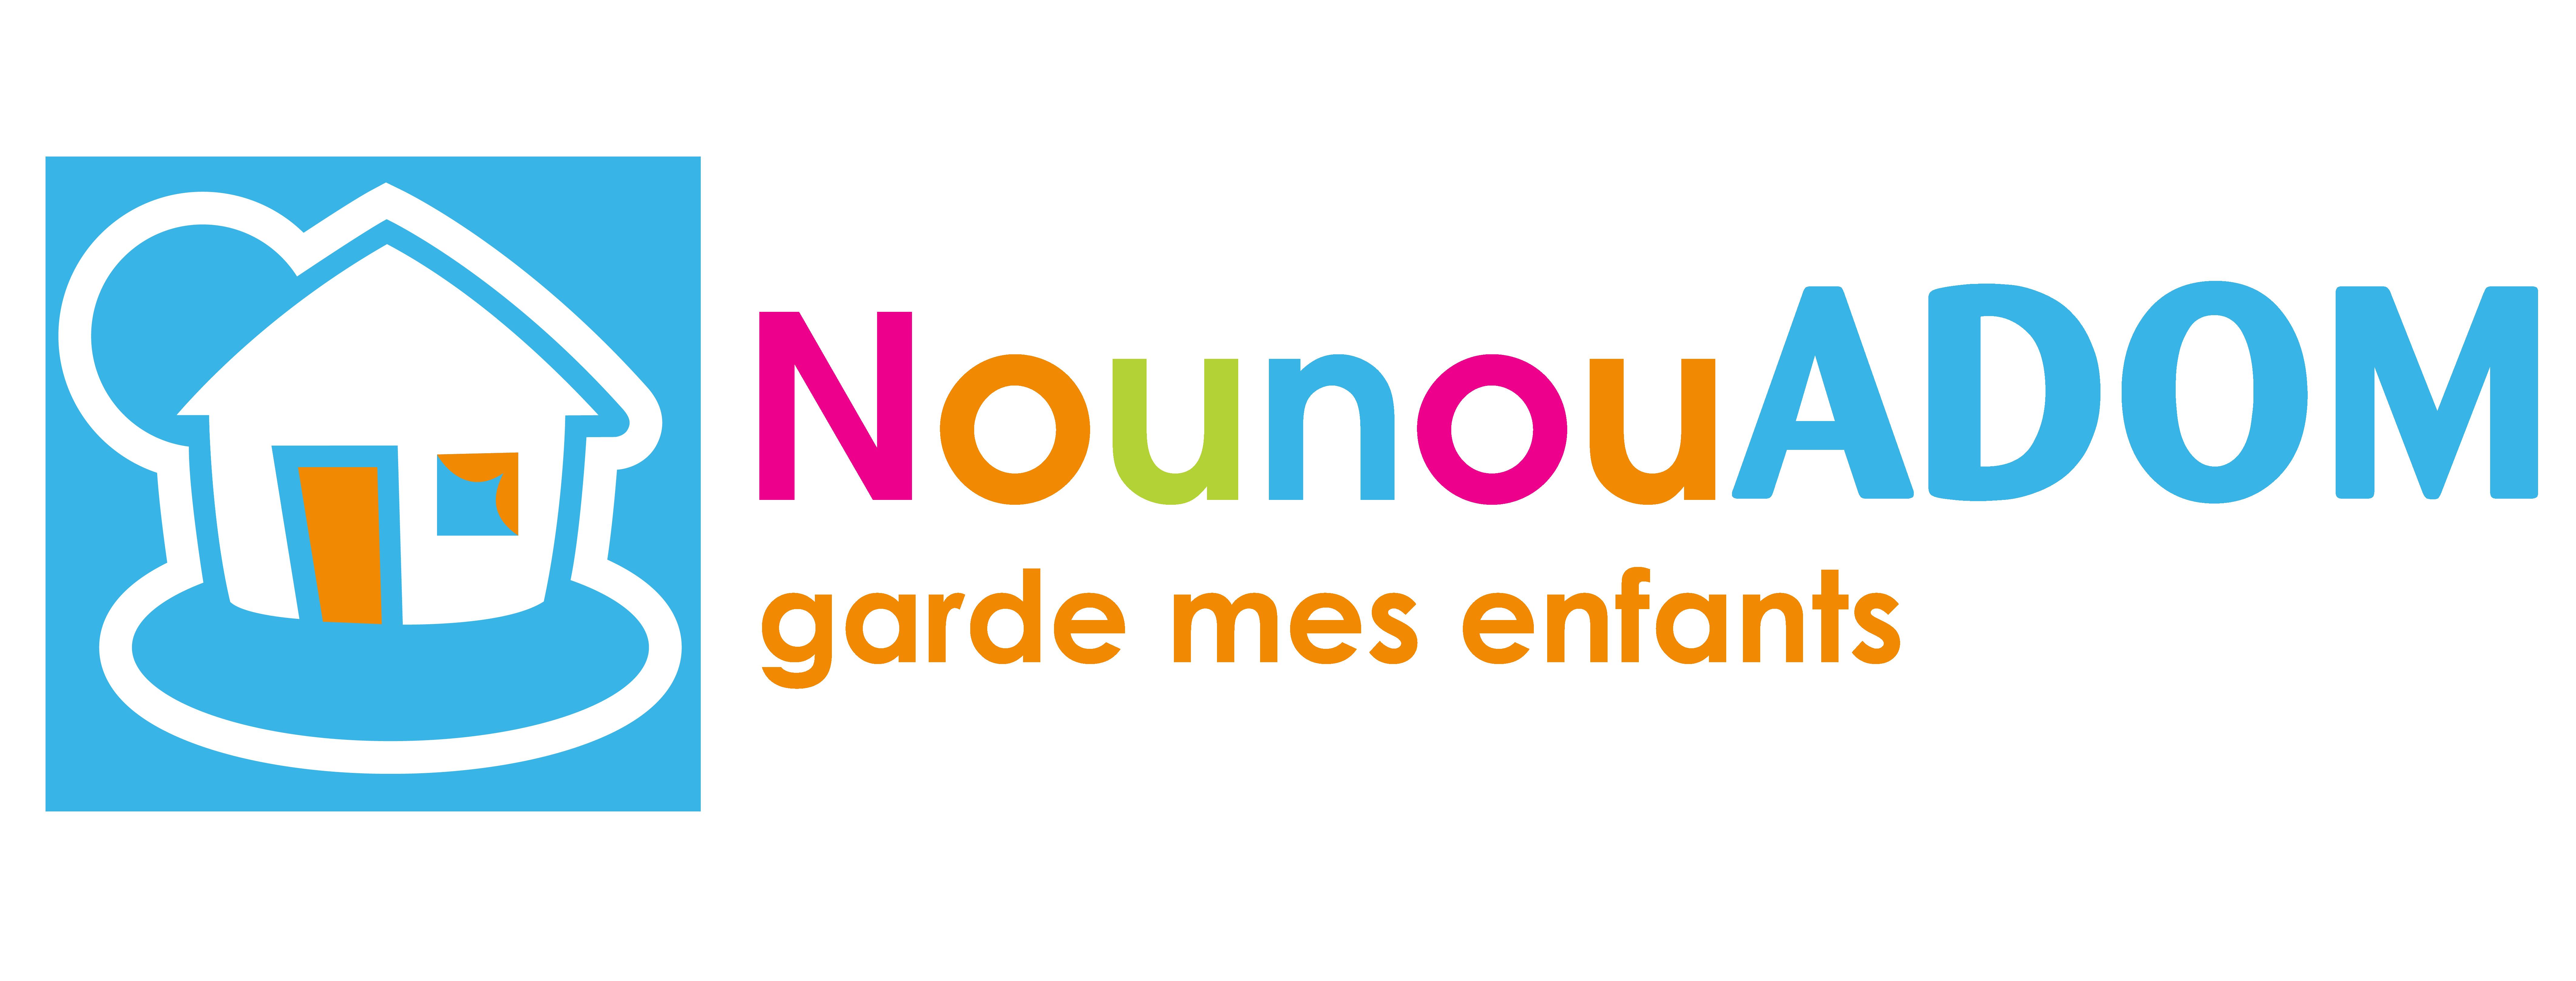 NOUNOU ADOM